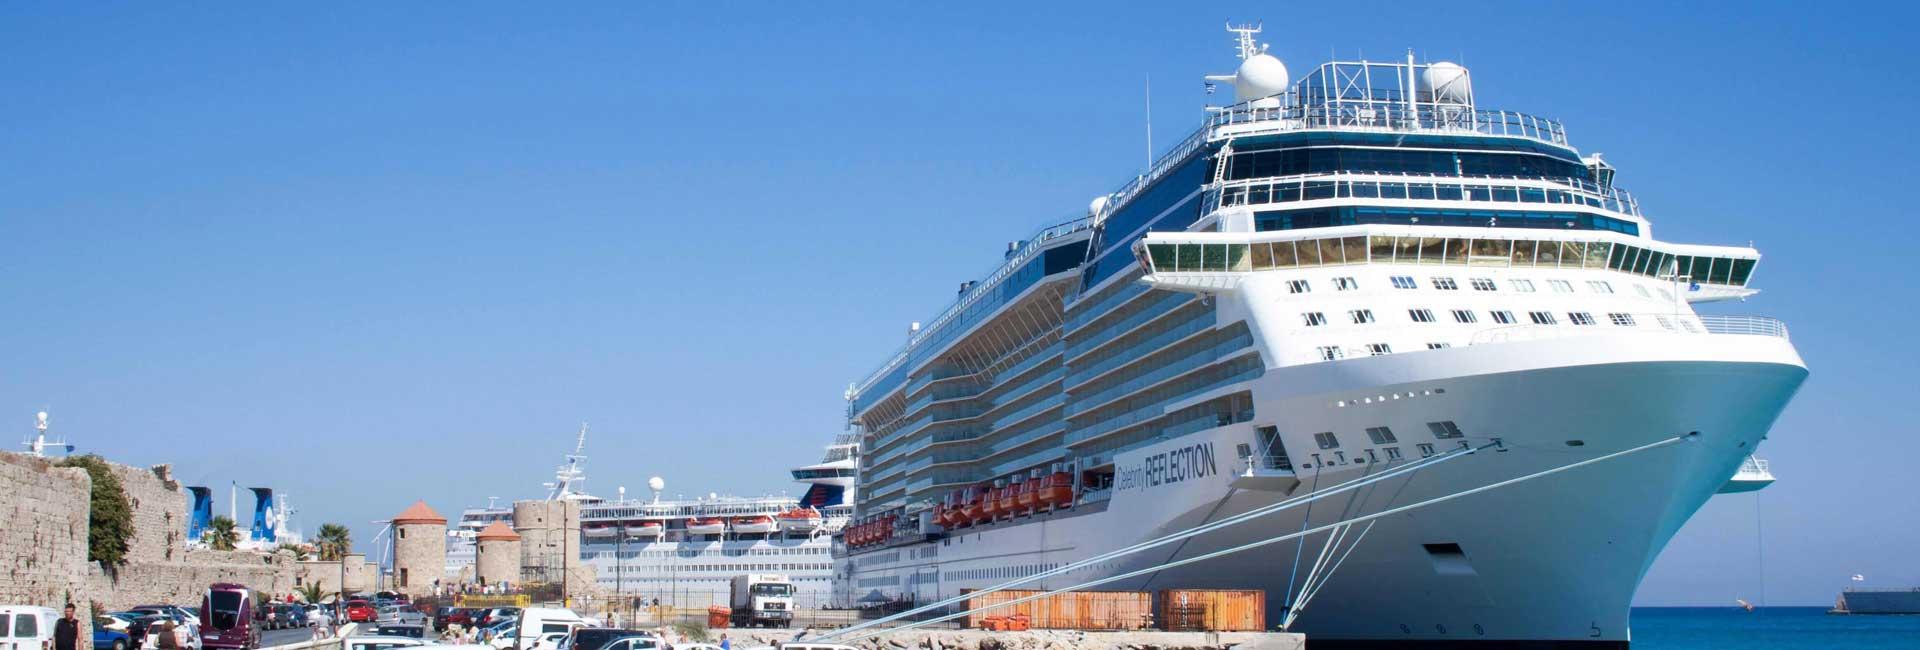 Port Safaga Tours, Travel & Activities